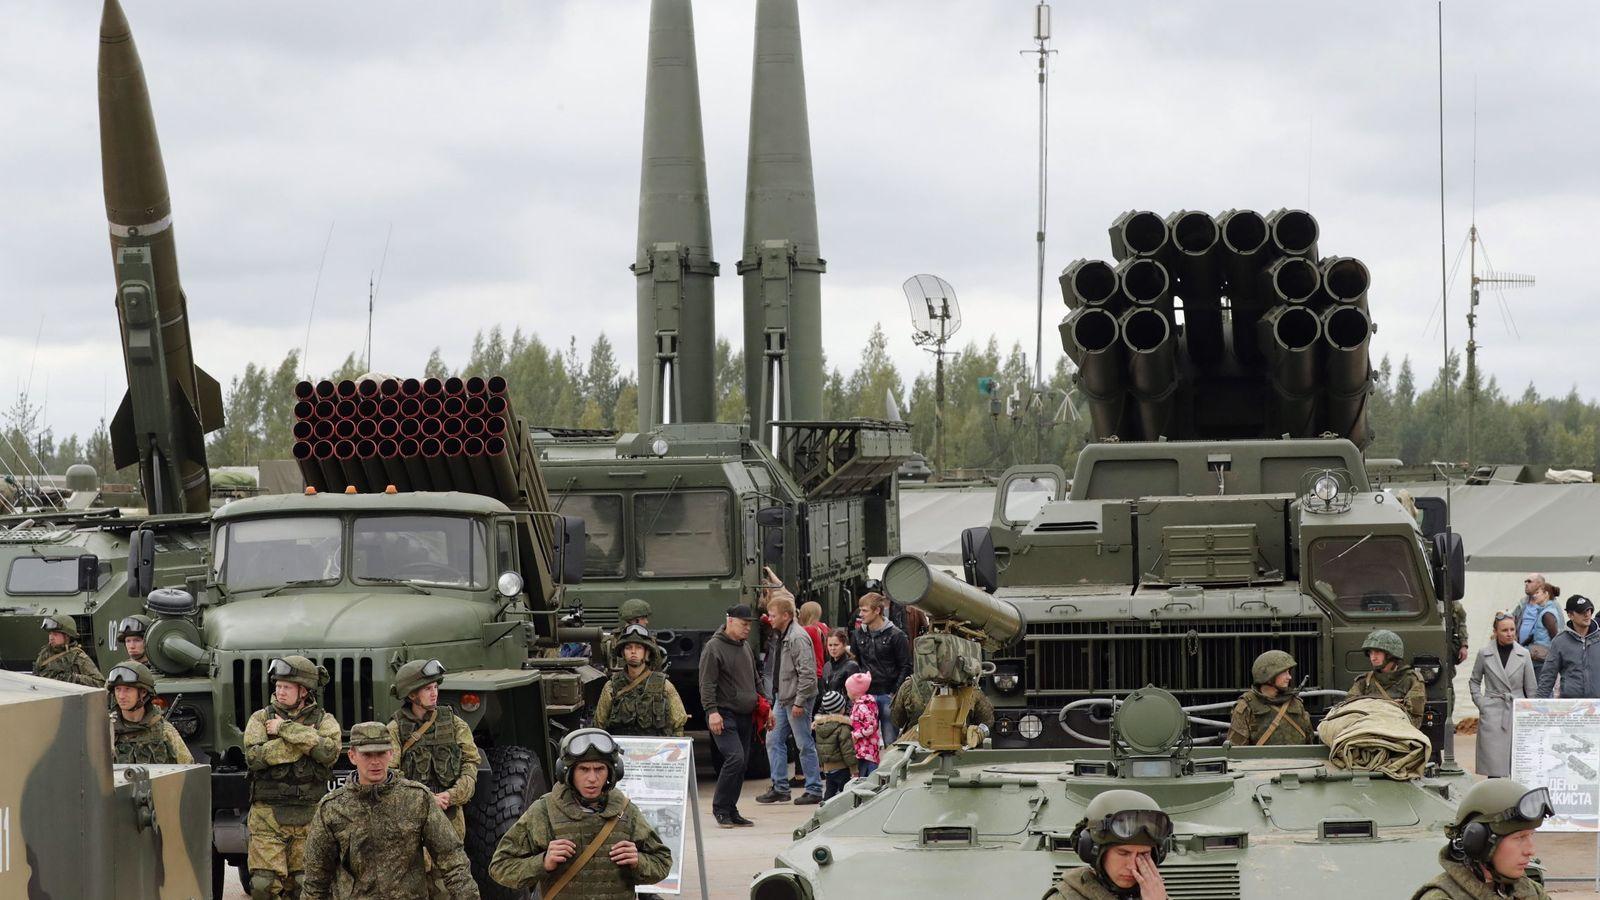 Foto: Varios misiles balísticos tácticos rusos exhibidos durante el Día del Tanque en Luga, cerca de San Petersburgo, en septiembre de 2017. (EFE)